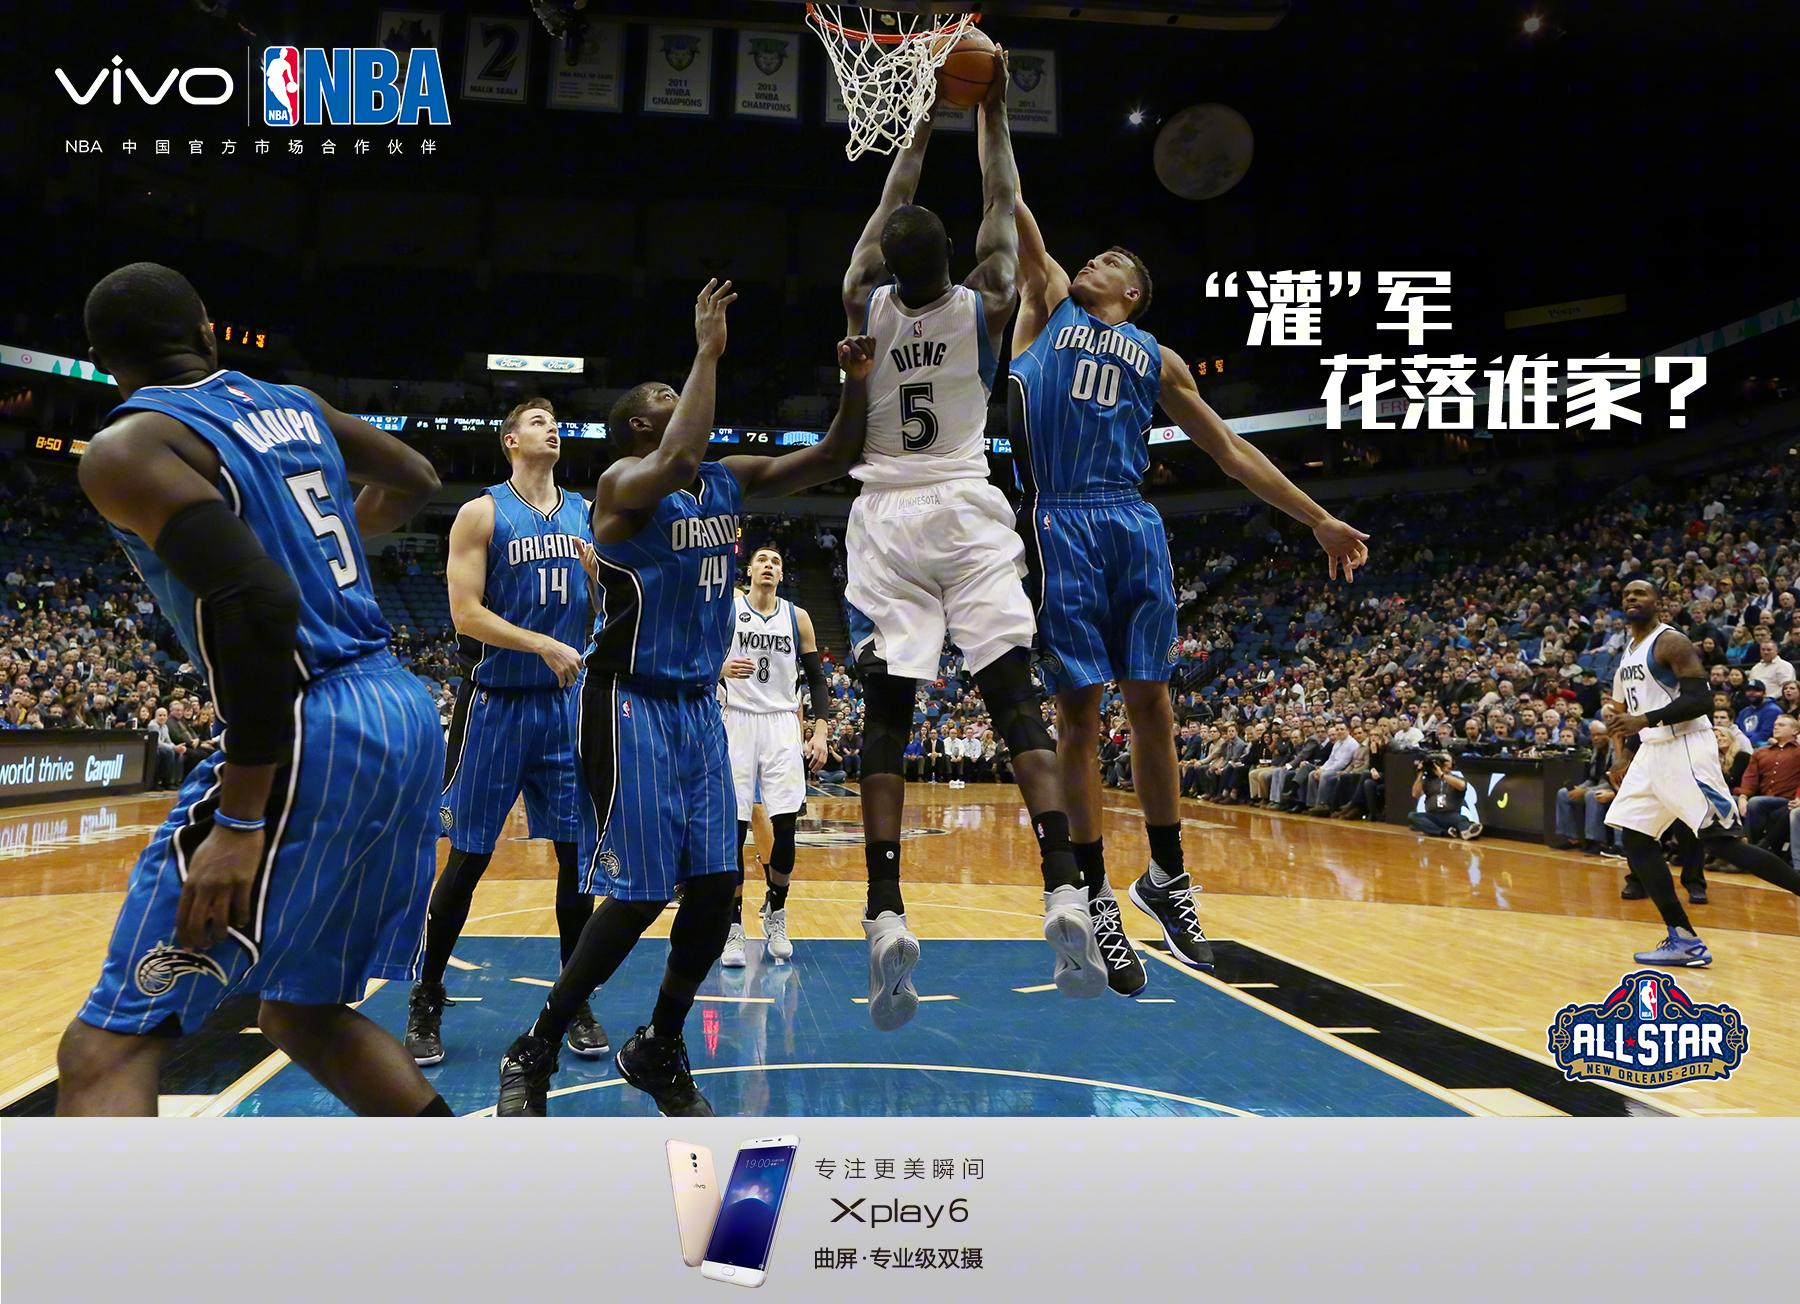 """""""灌""""军花落谁家?http://t.cn/RJuM4lm 转发投票,抽送vivo&NBA正版周边一份"""